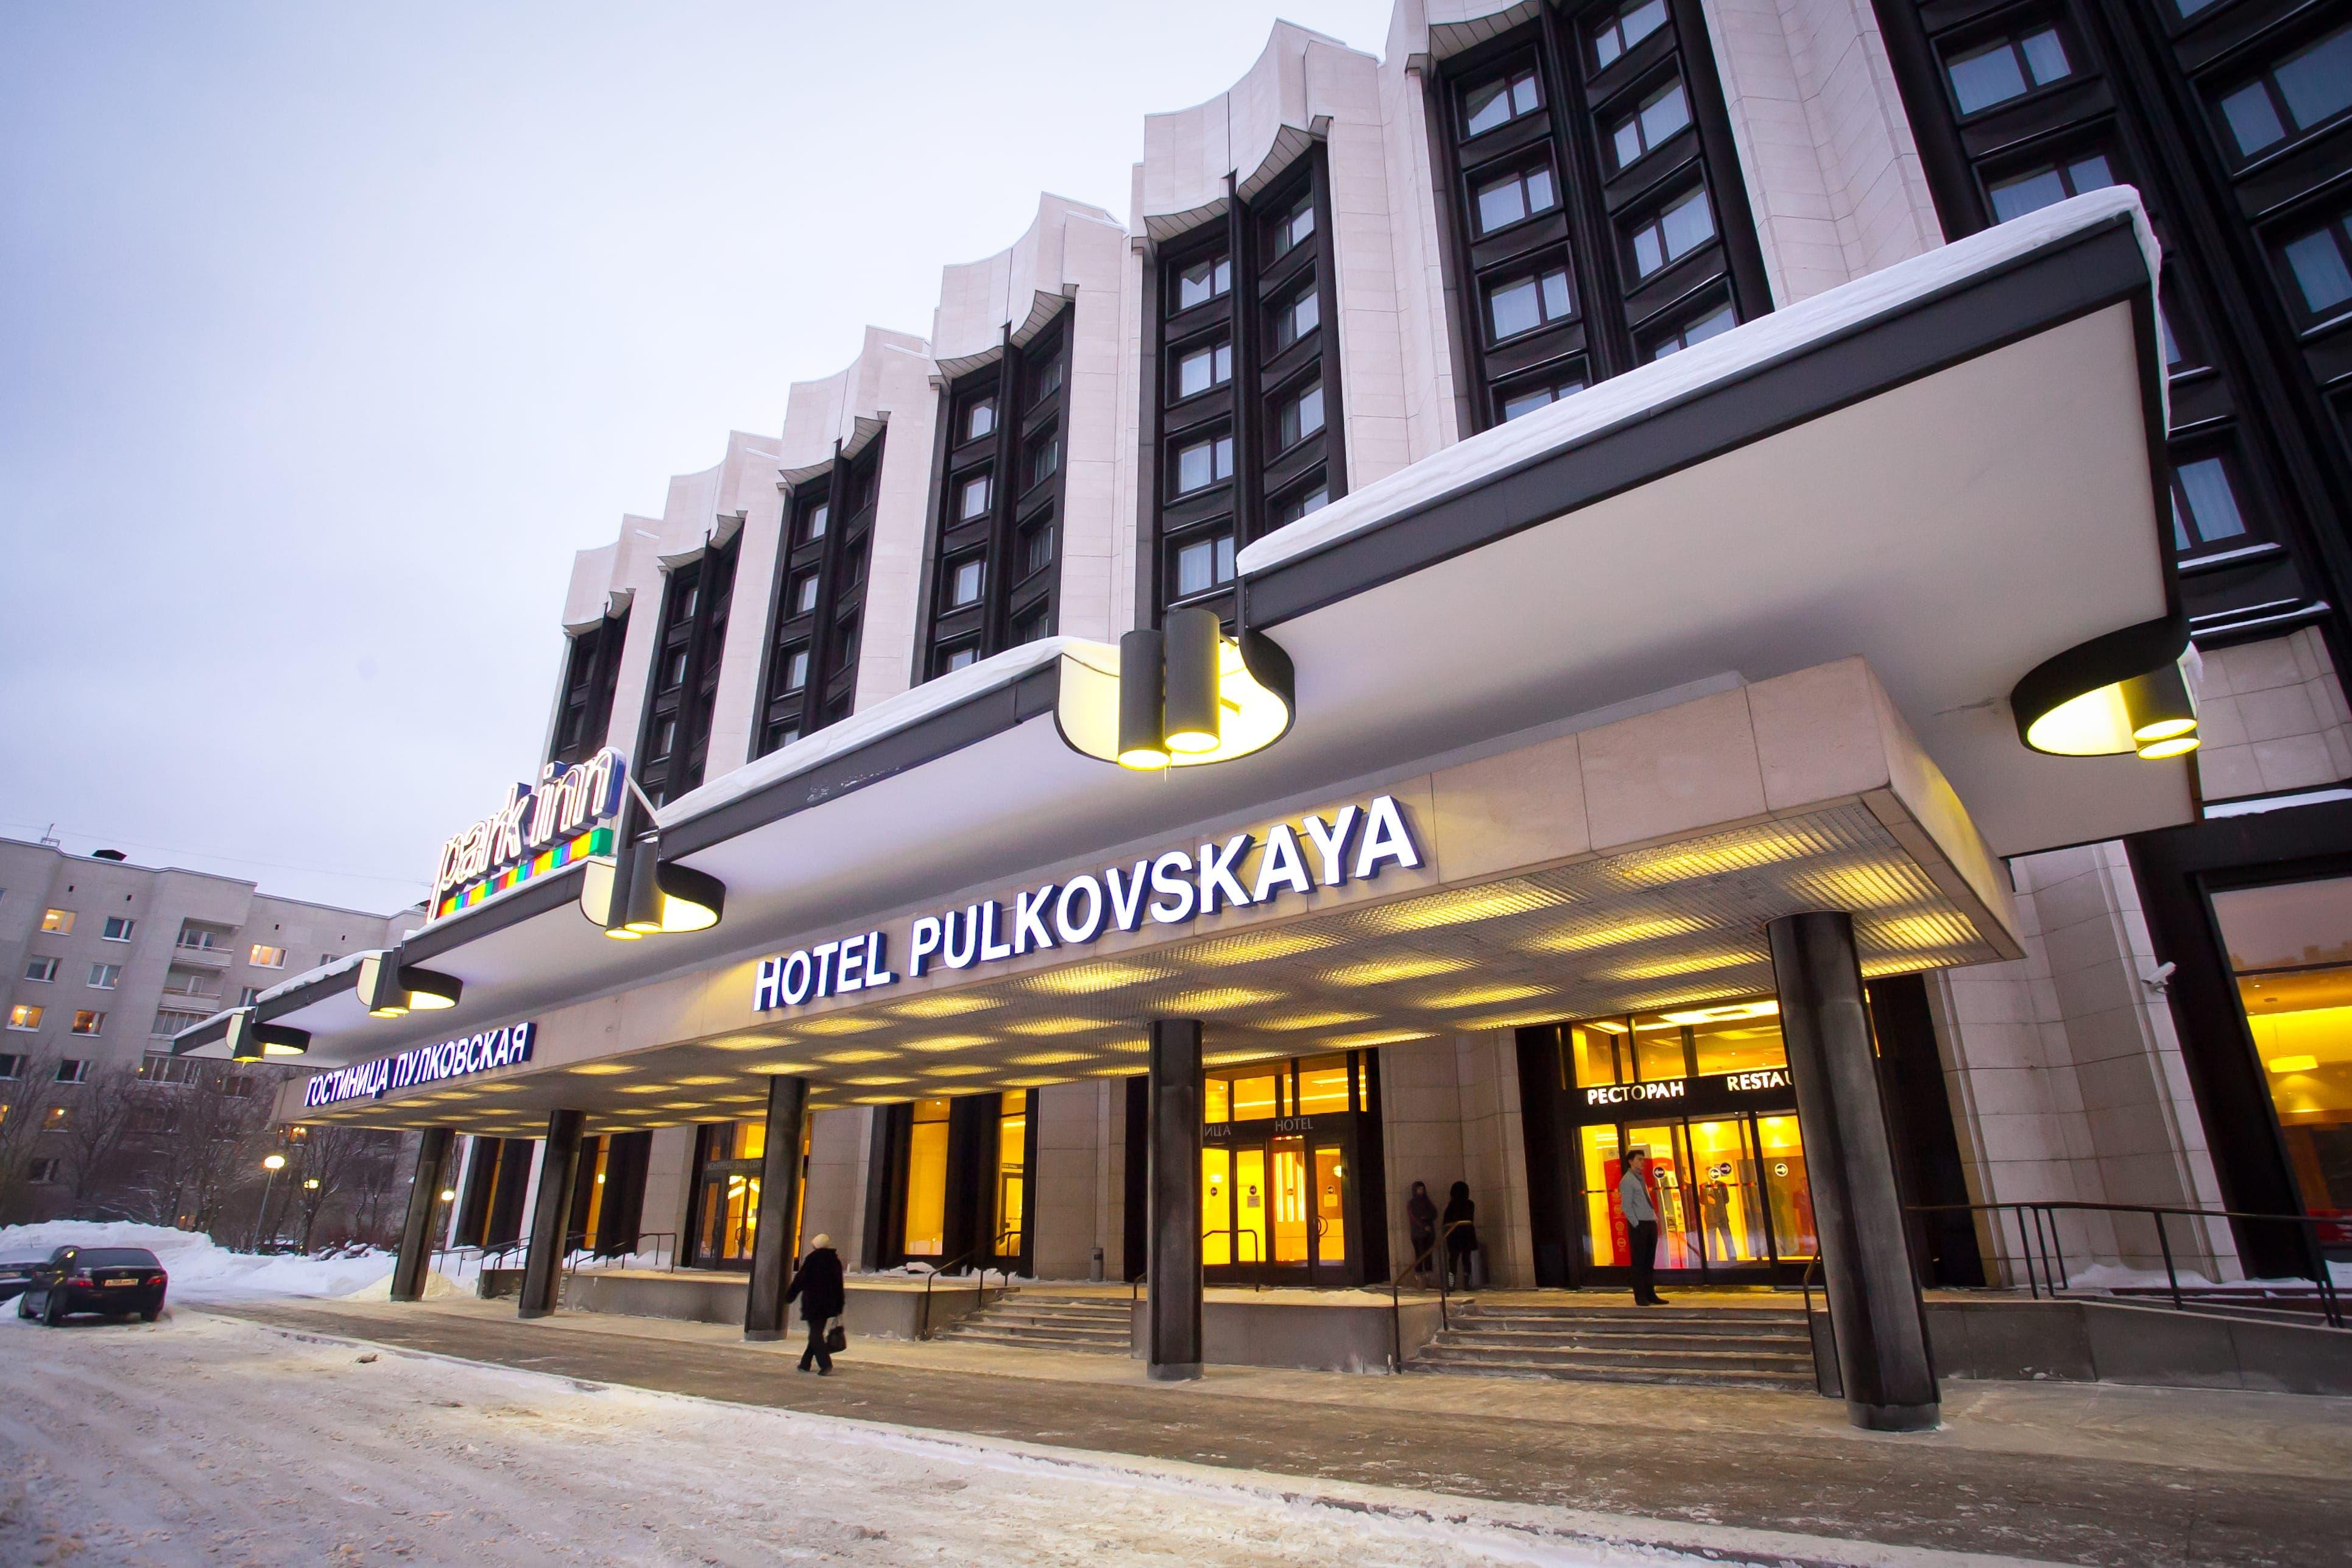 Pulkovskaya